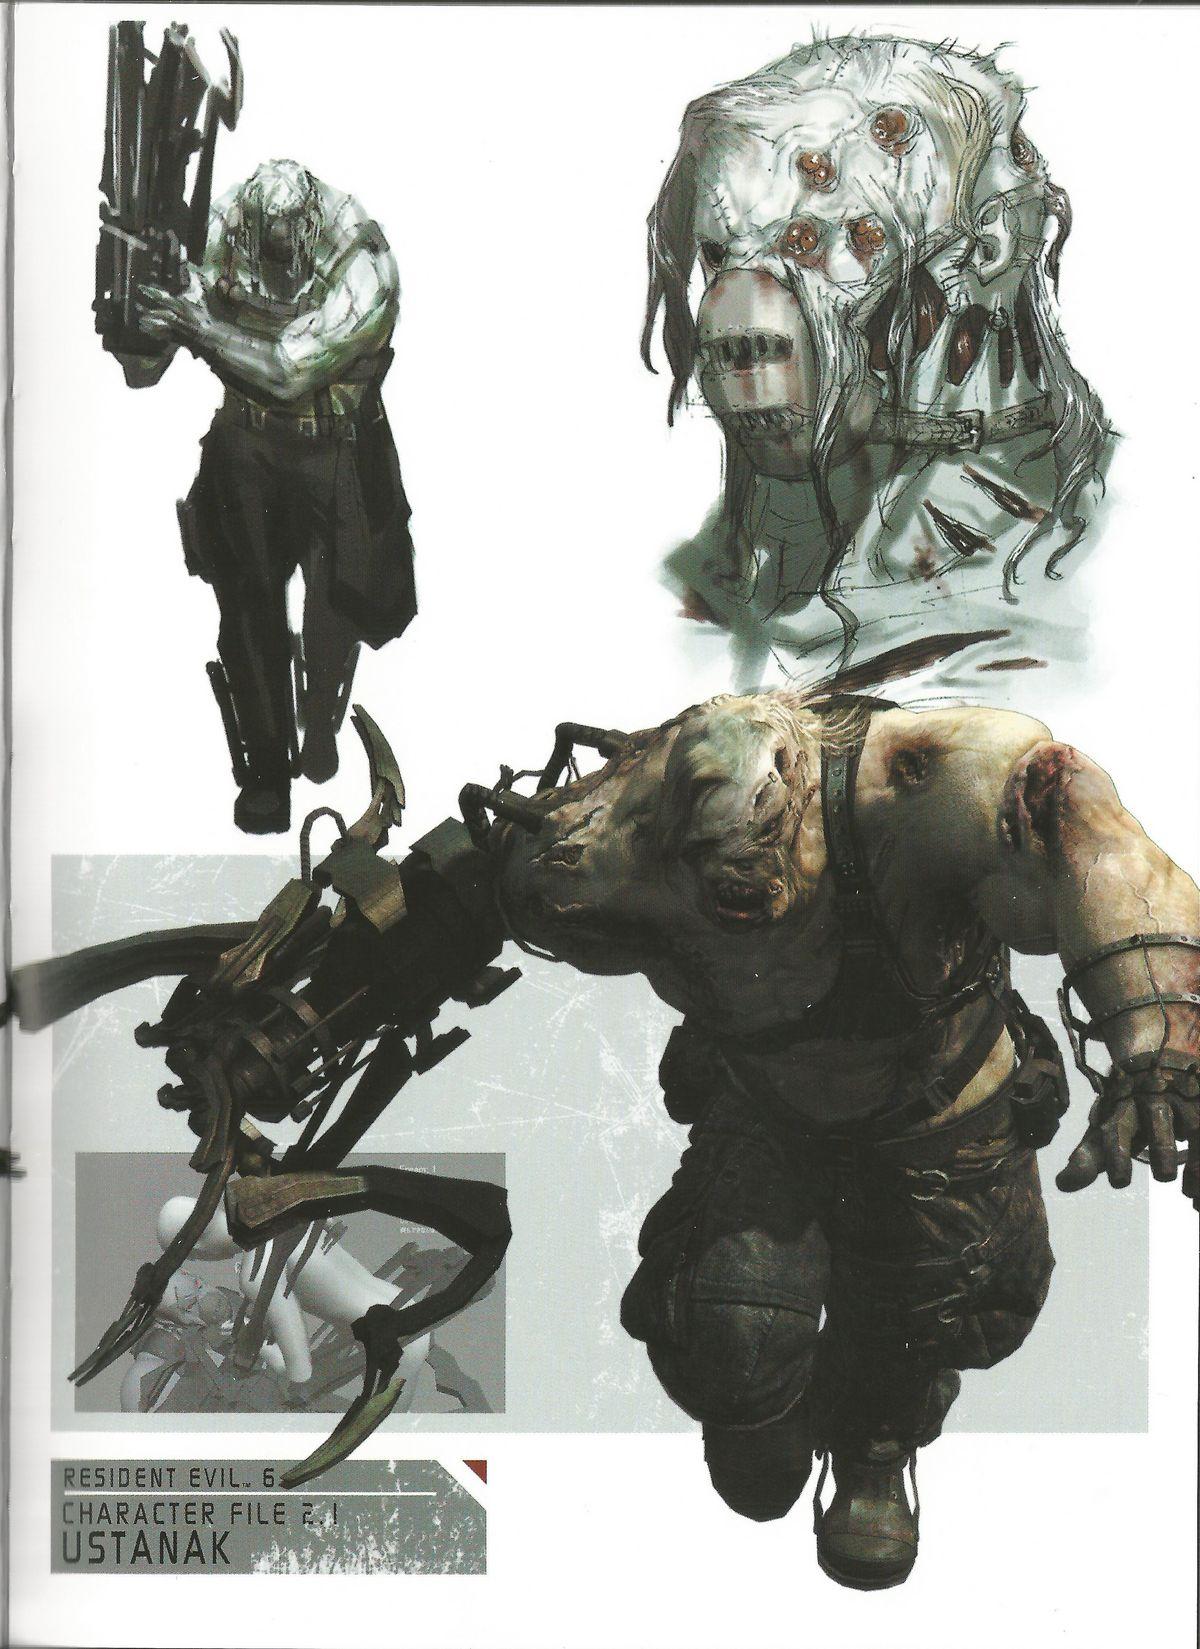 Resident evil 6 art gallery